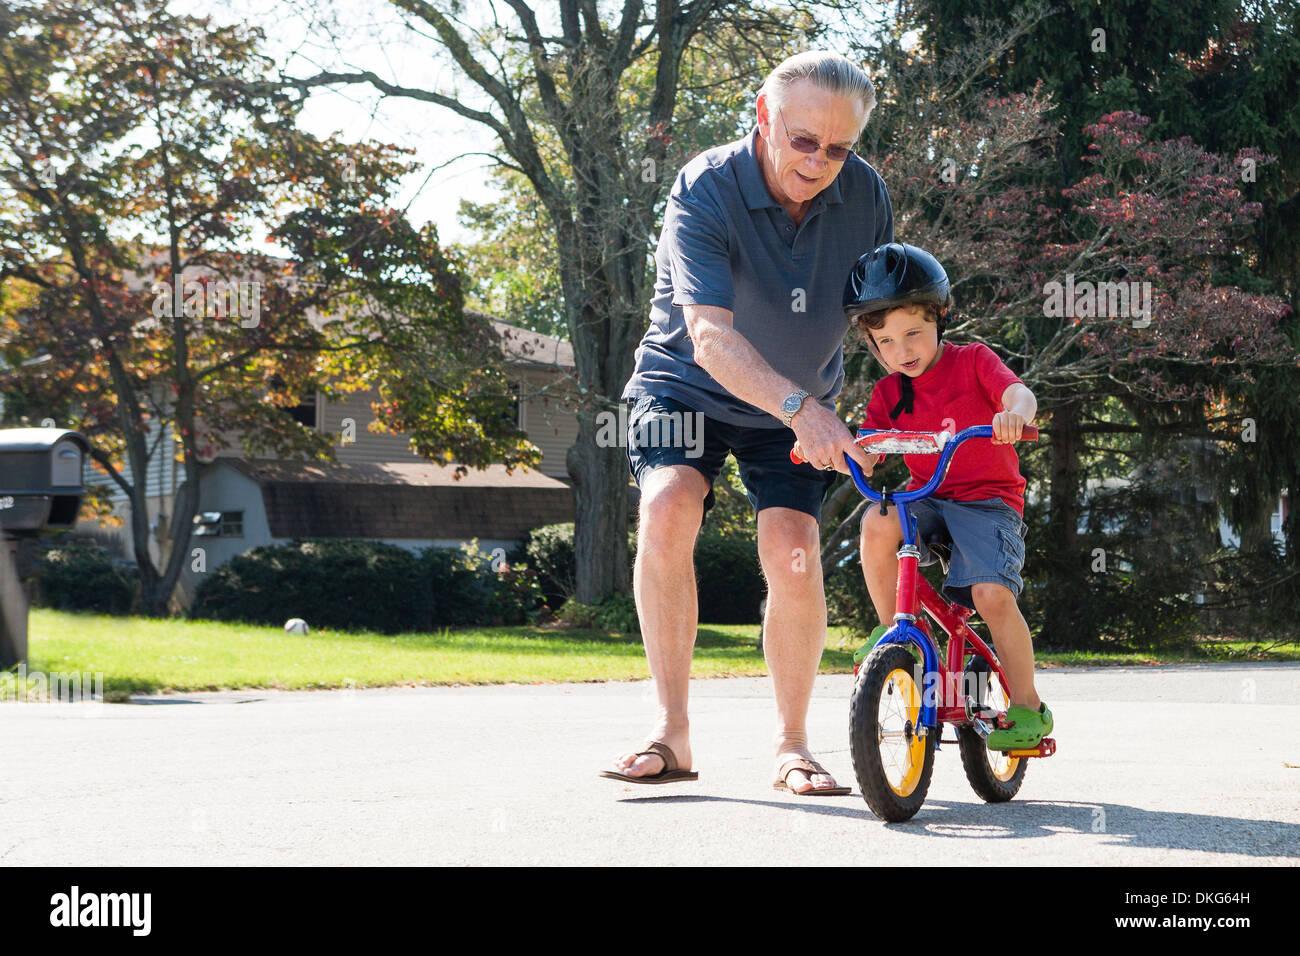 Nonno incoraggiando giovane ragazzo a guidare la bicicletta Immagini Stock